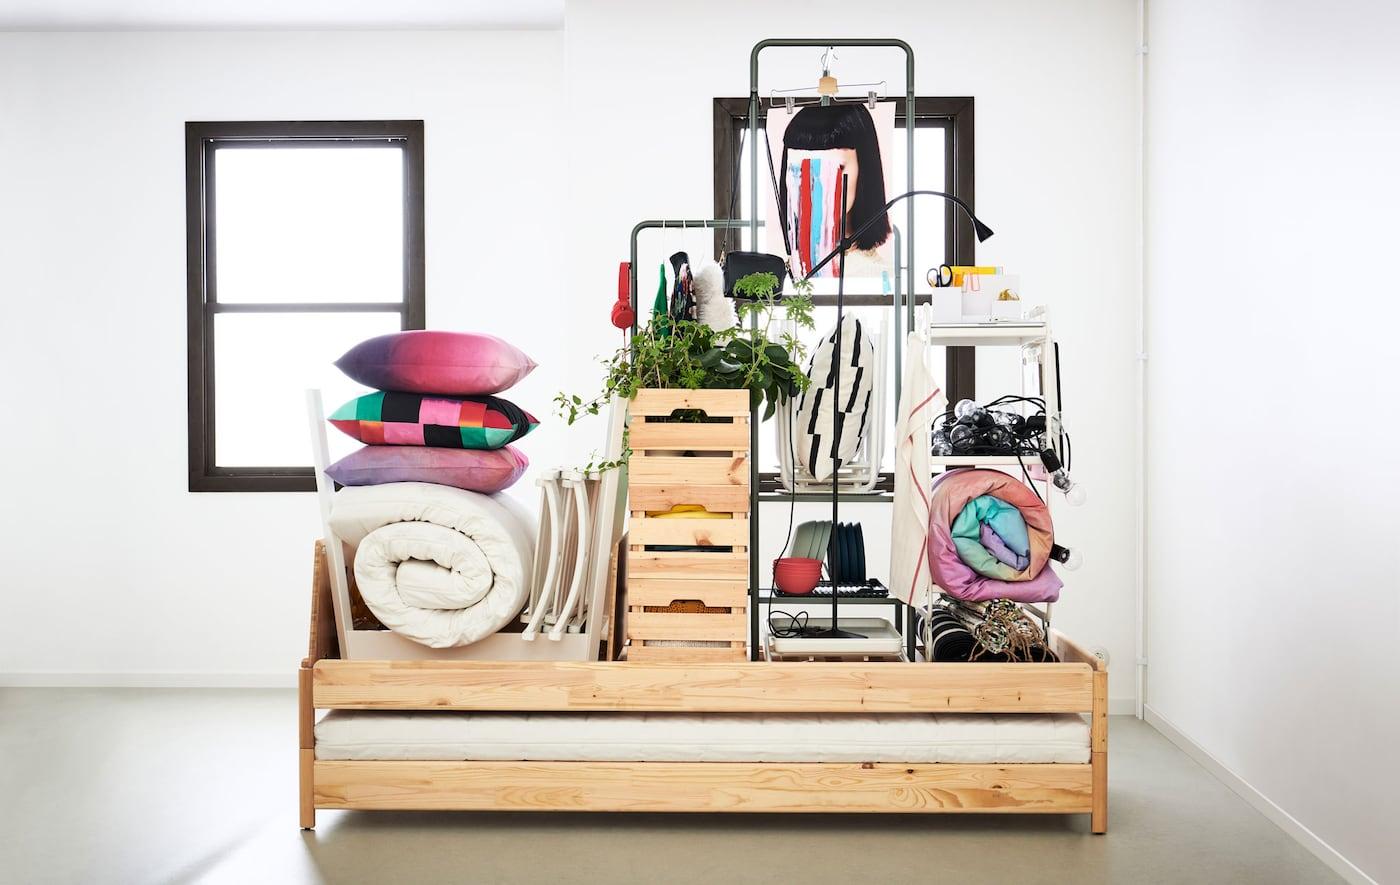 Интерьер комнаты или квартиры с неокрашенными стенами; по центру стоит кровать, на которой сложена вся мебель и принадлежности для маленького дома.